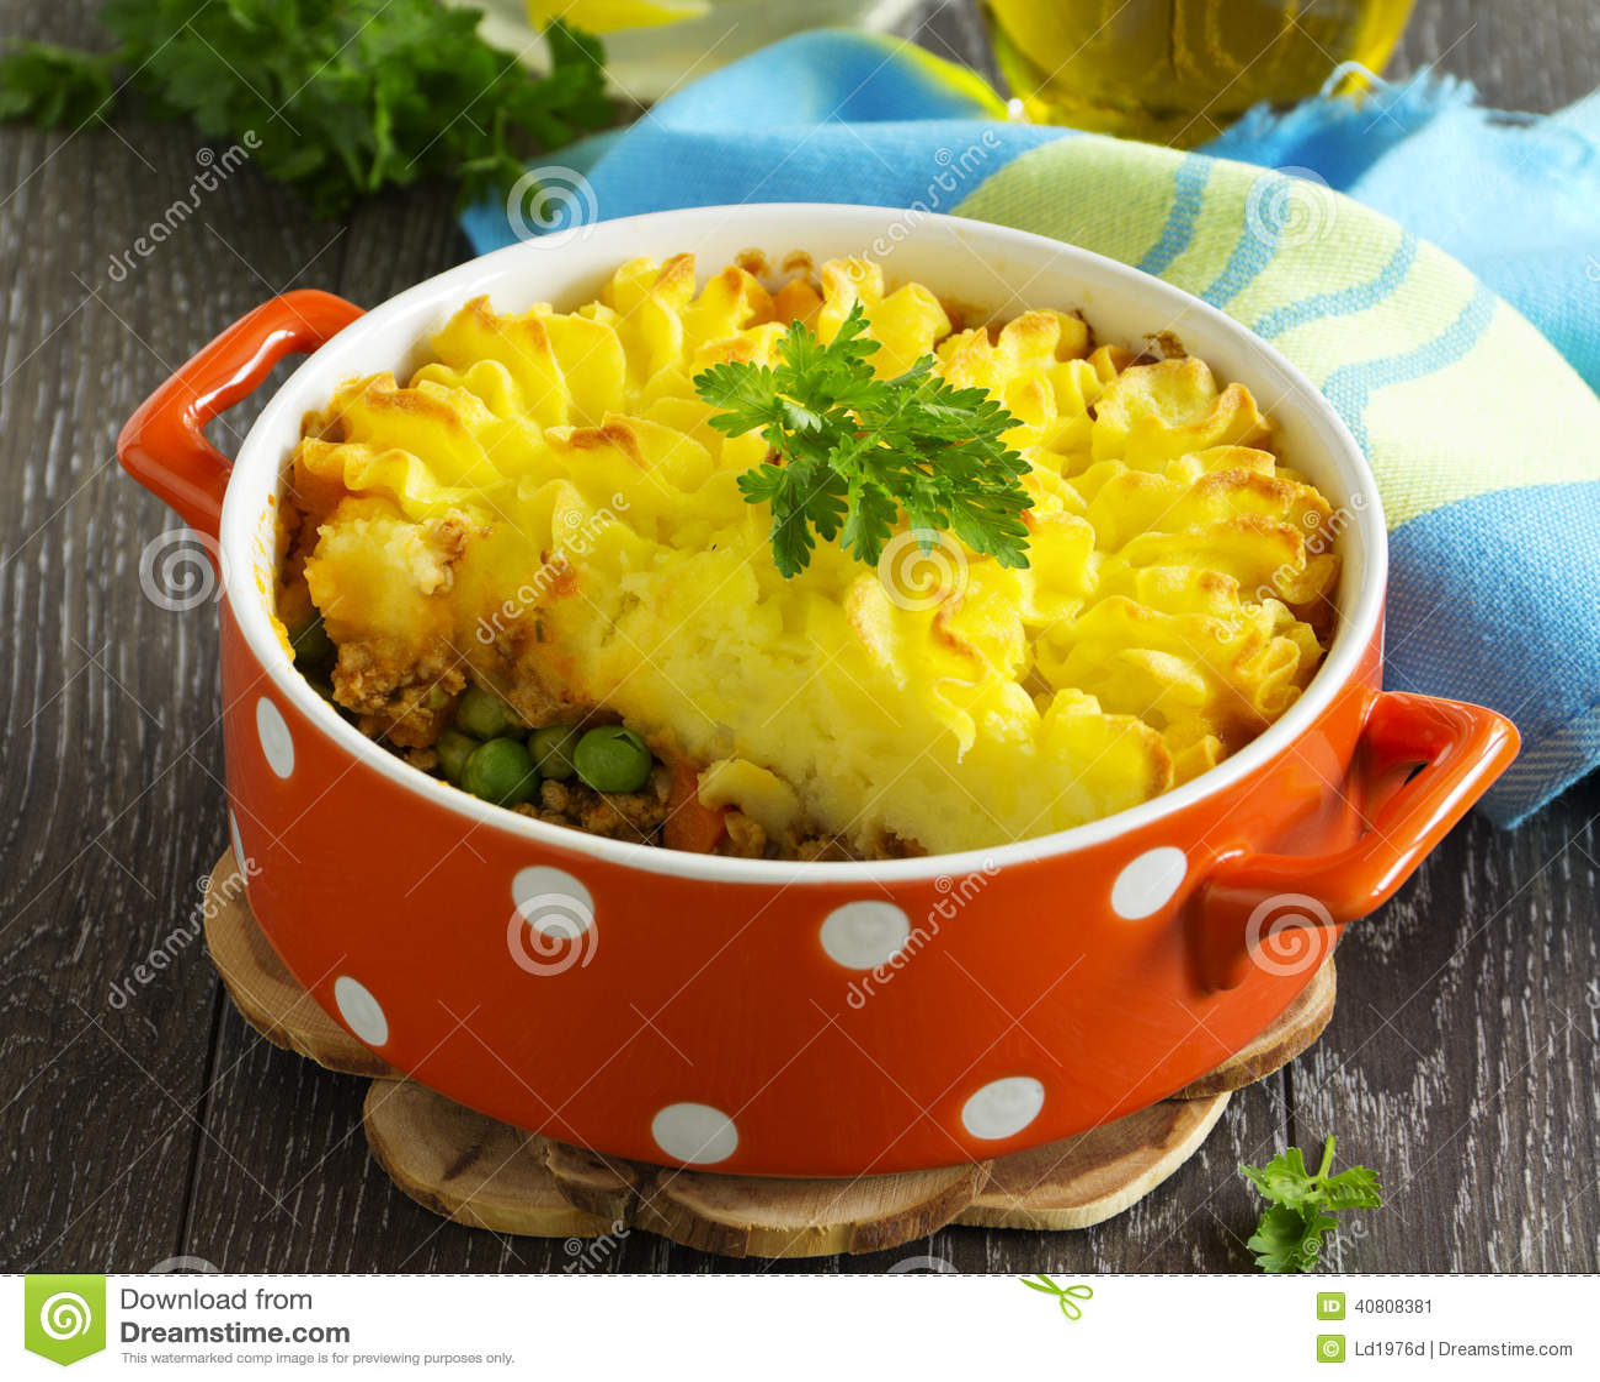 Cucina A In Inglese | Cucine Stile Inglese Fresco Best Blocco Cucina ...